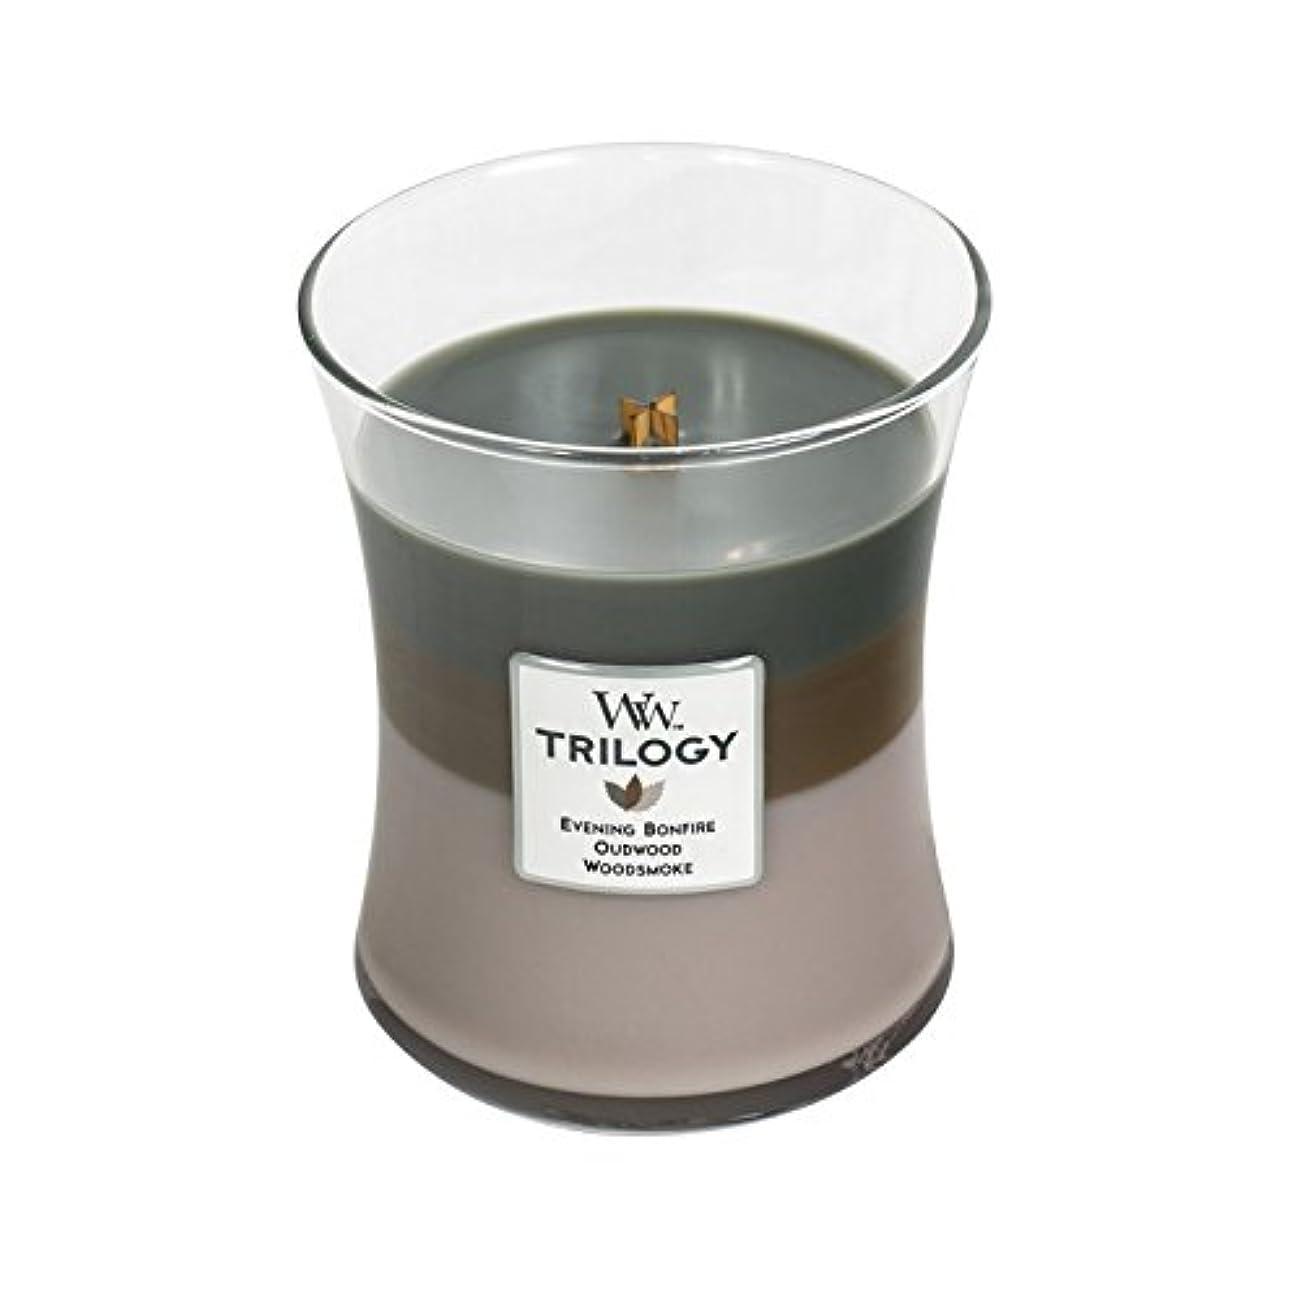 クライストチャーチ工夫する誓いWoodwick Trilogy Cozy Cabin、3 - in - 1 Highly Scented Candle、クラシック砂時計Jar、Medium 4インチ、9.7 Oz